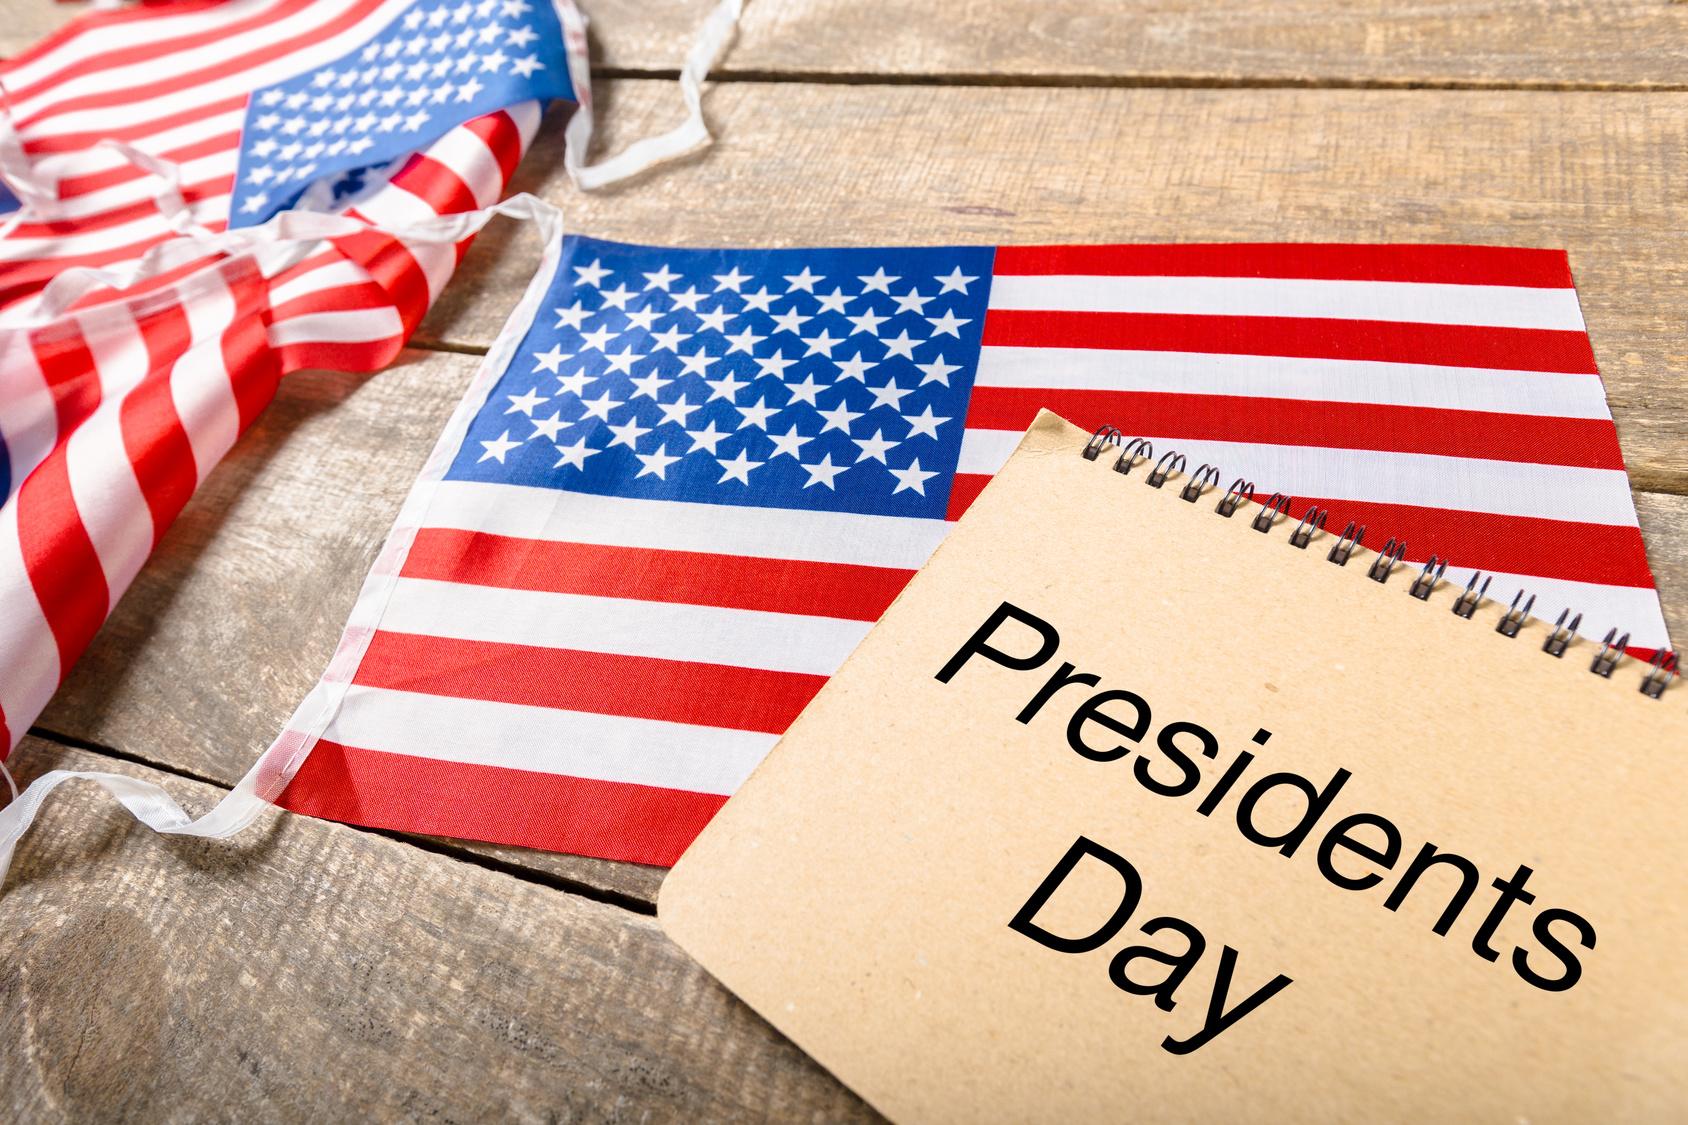 2016年アメリカ大統領選挙